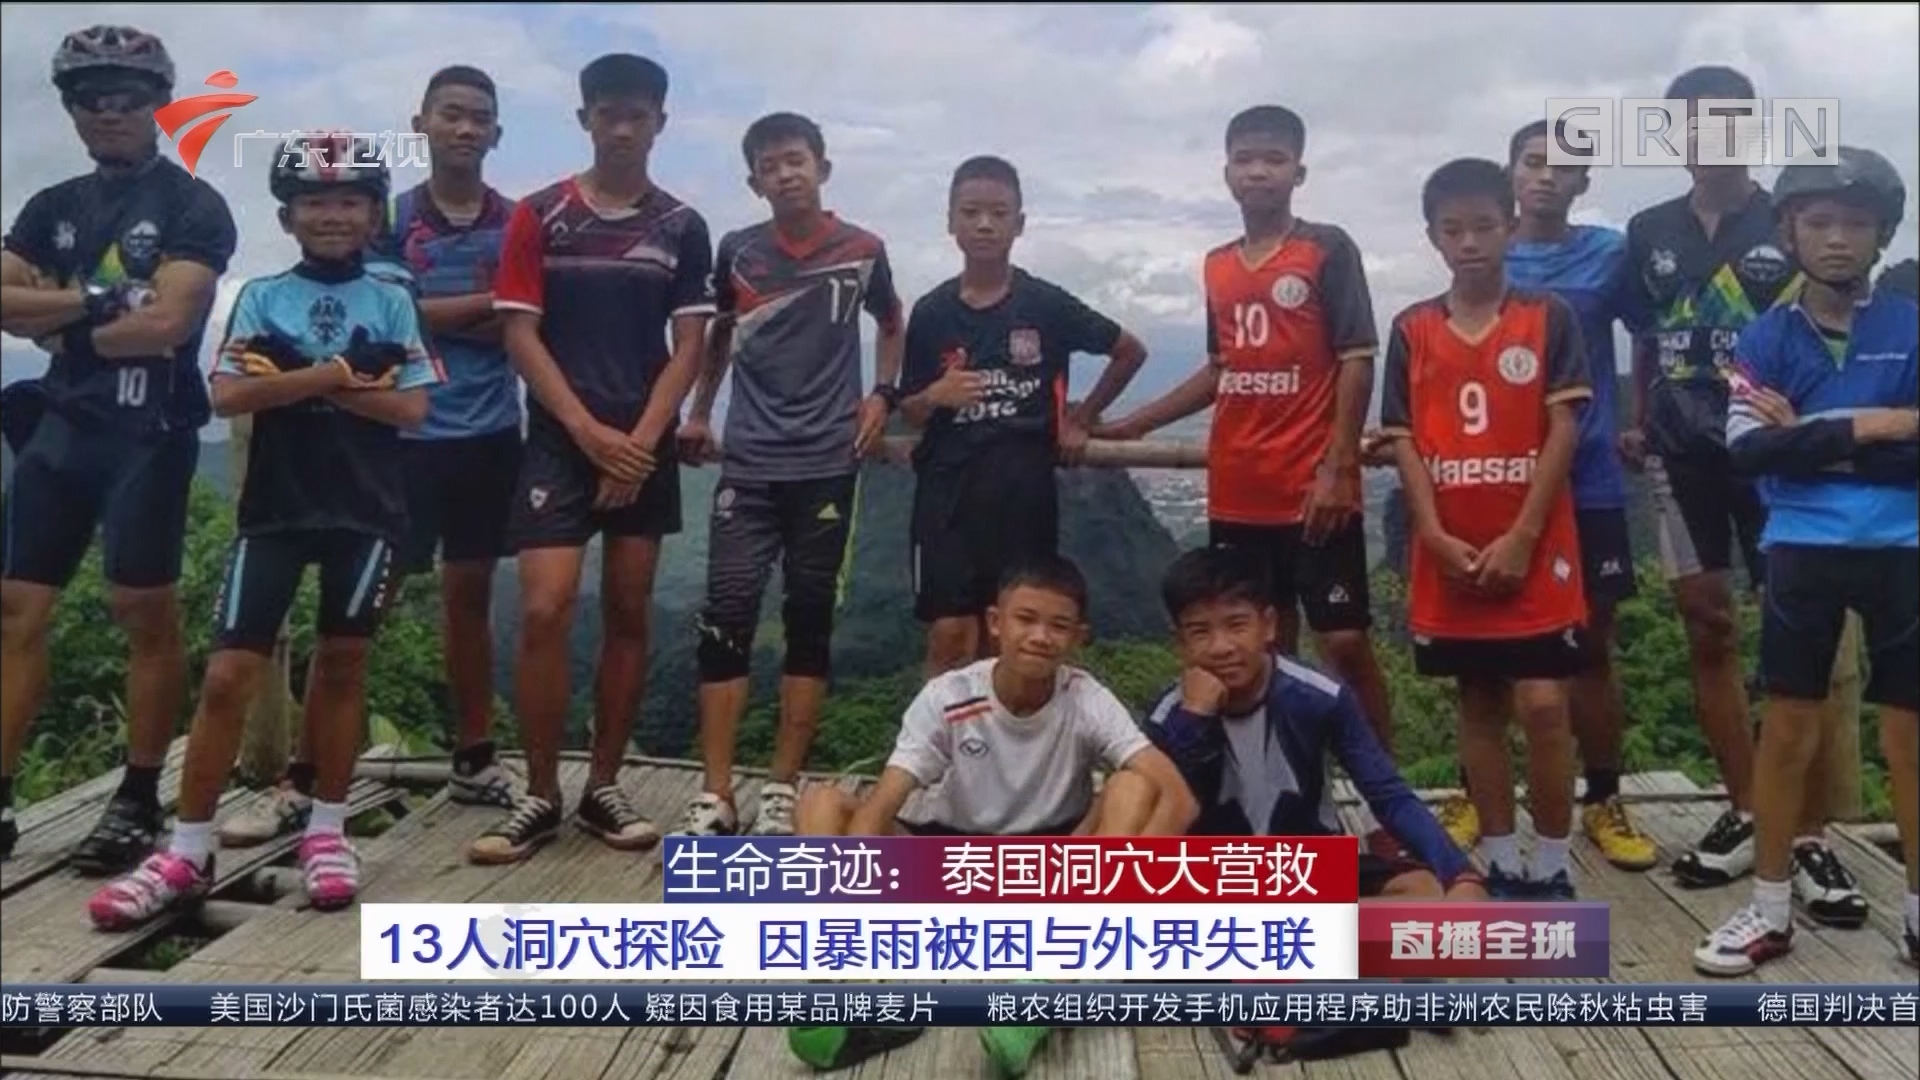 生命奇迹:泰国洞穴大营救 13人洞穴探险 因暴雨被困与外界失联